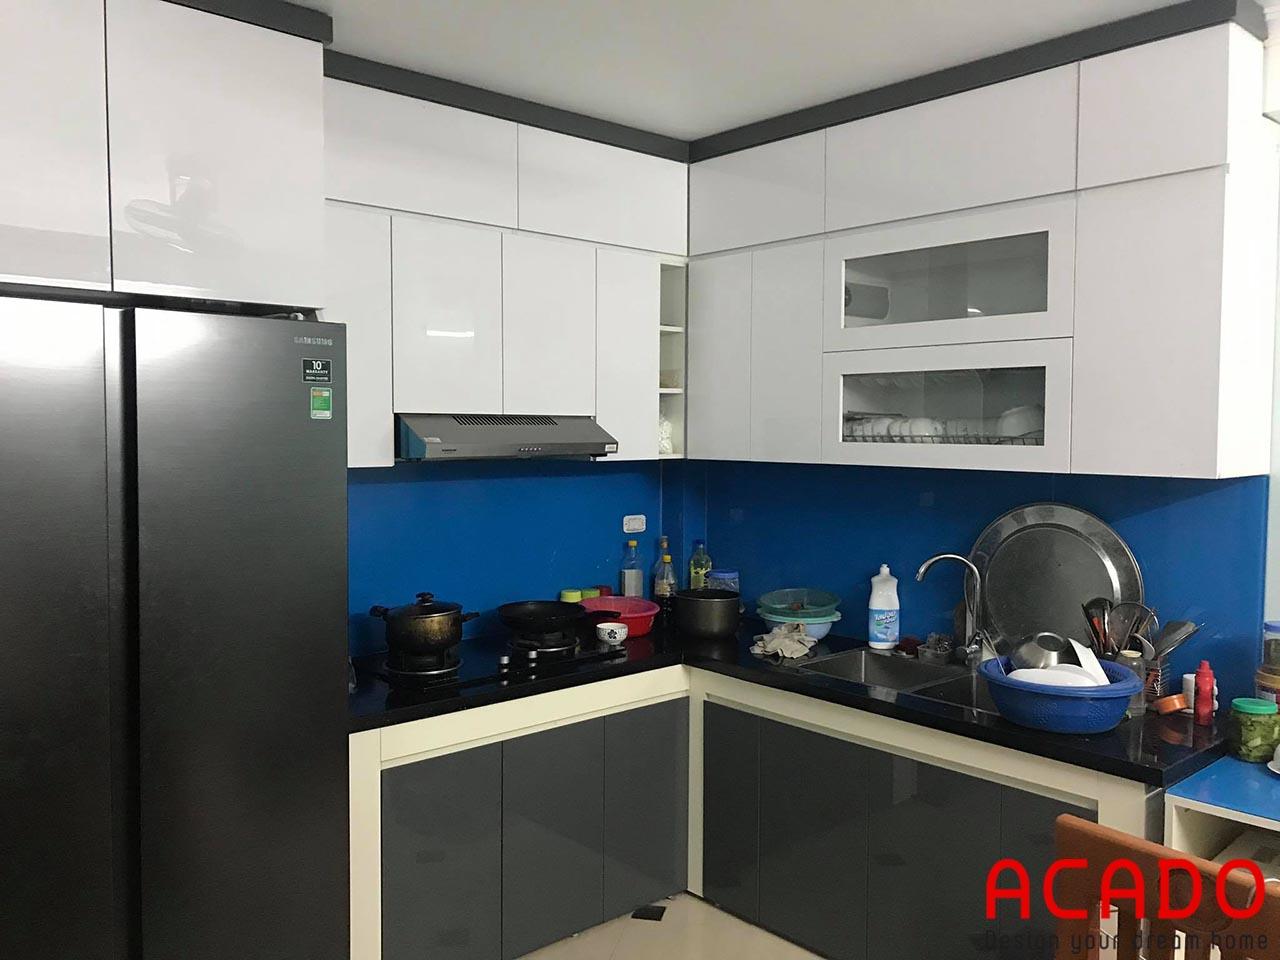 Tủ bếp ksinhmafu xanh dương hiện đại, thu hút tại ACADO